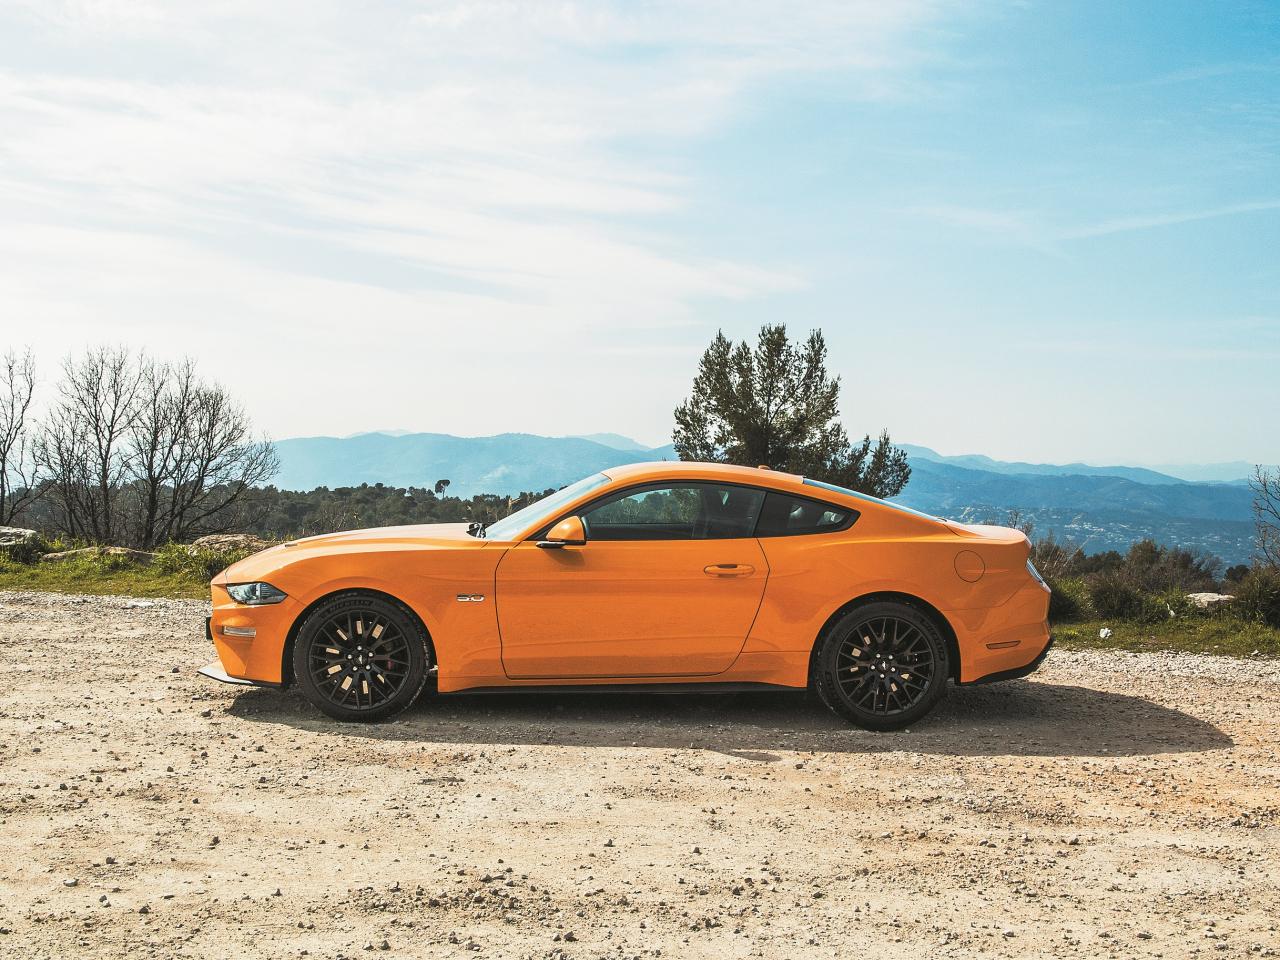 Bērnišķīga, taču pašapziņu ceļoša ekstra, ir ārējos spogulīšos ievietotie Pony Projector, kas izgaismo Mustang logotipu uz asfalta.